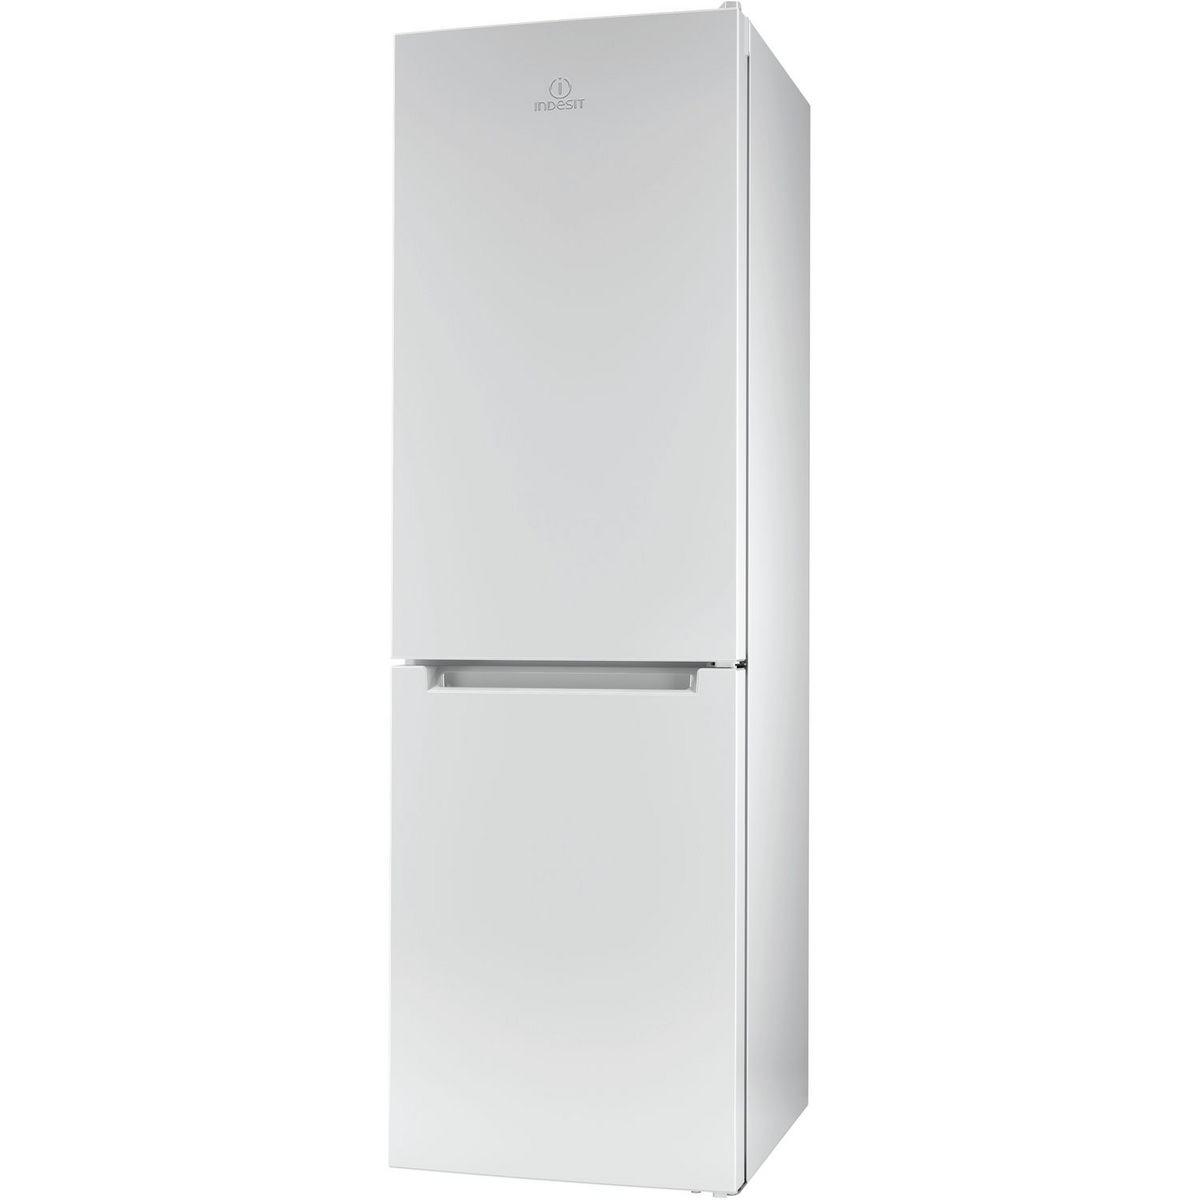 Réfrigérateur combiné XIT8T1EW, 320 L, Froid No Frost